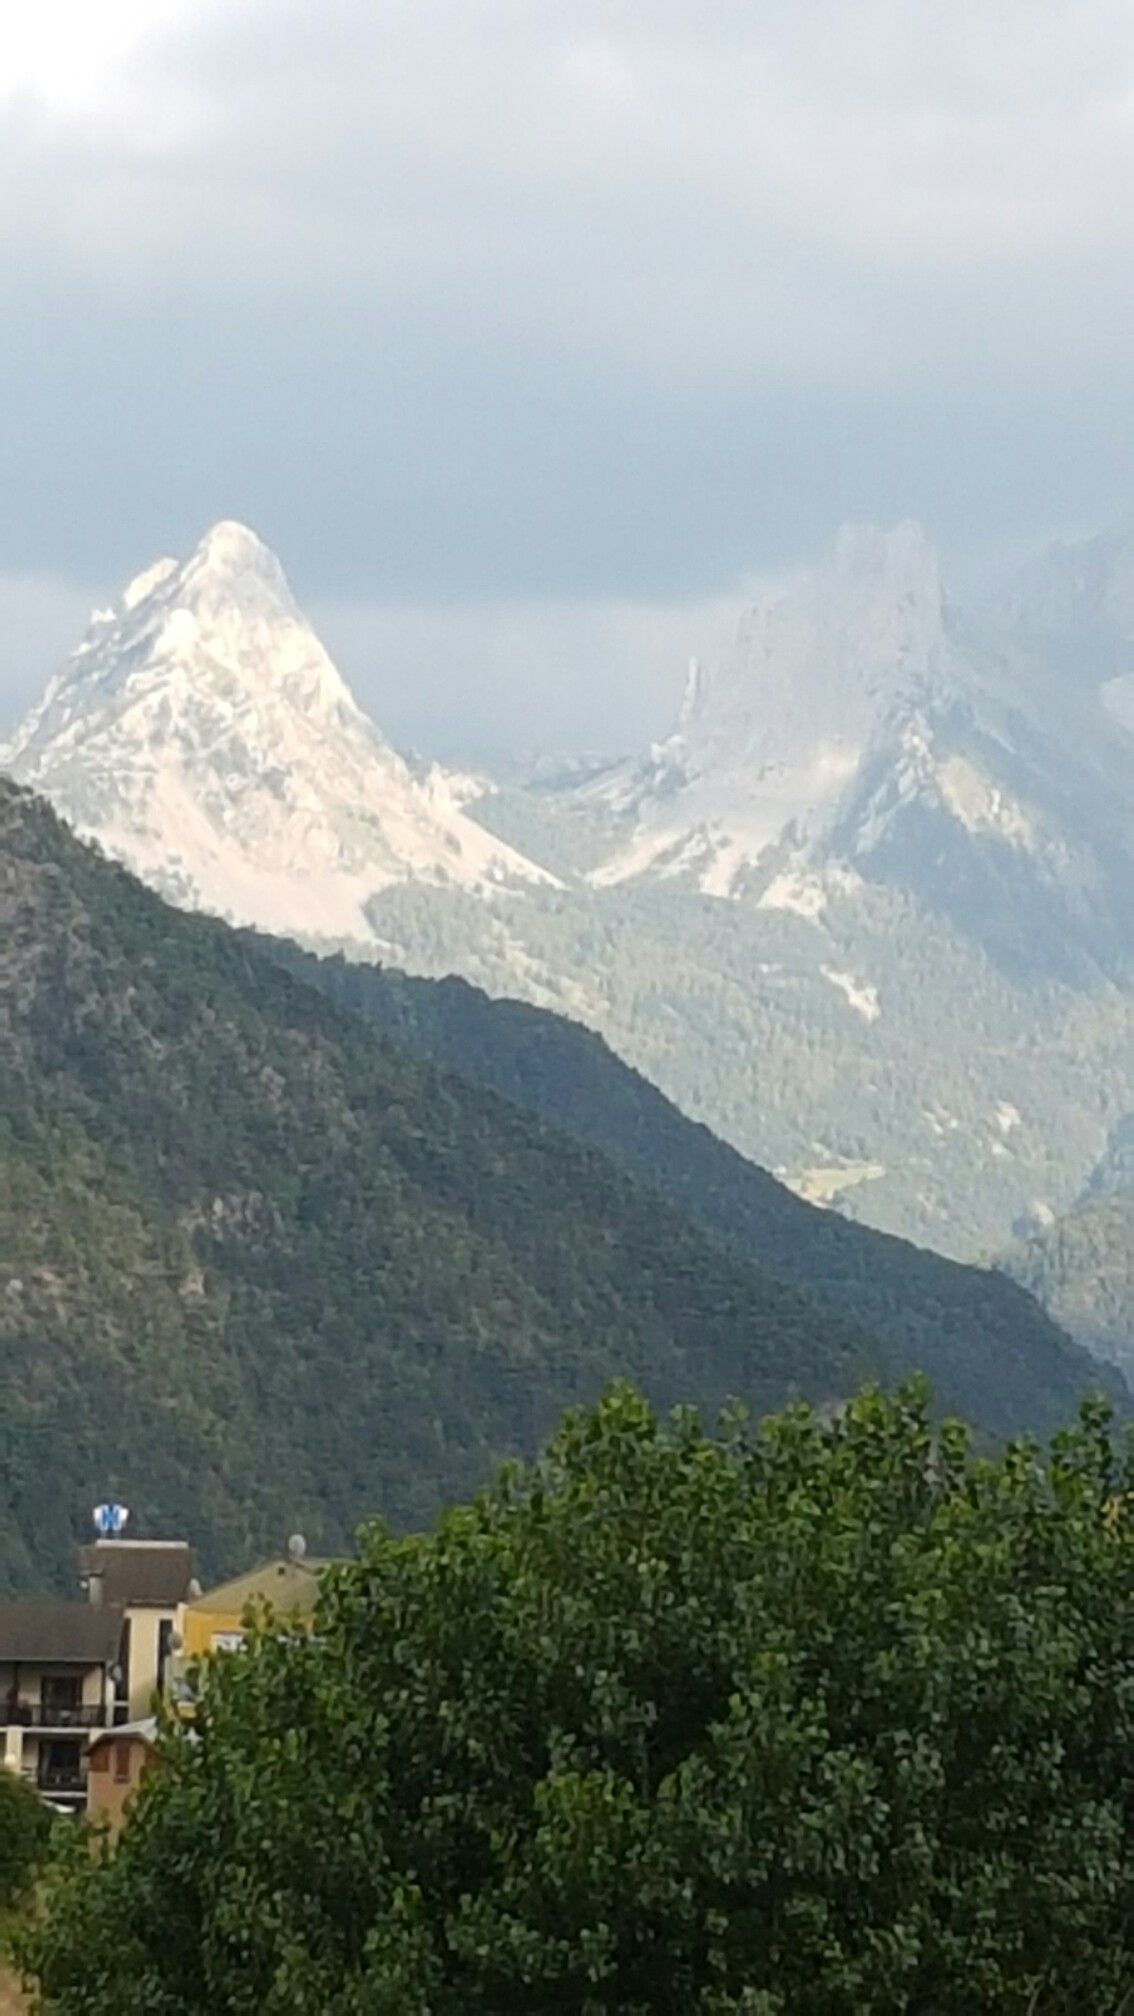 Vos Prochaines Vacances Au Ski Dans Les Alpes 04 Barcelonnette Reservez Vite Vacances Ski Vacances Ete Vacances